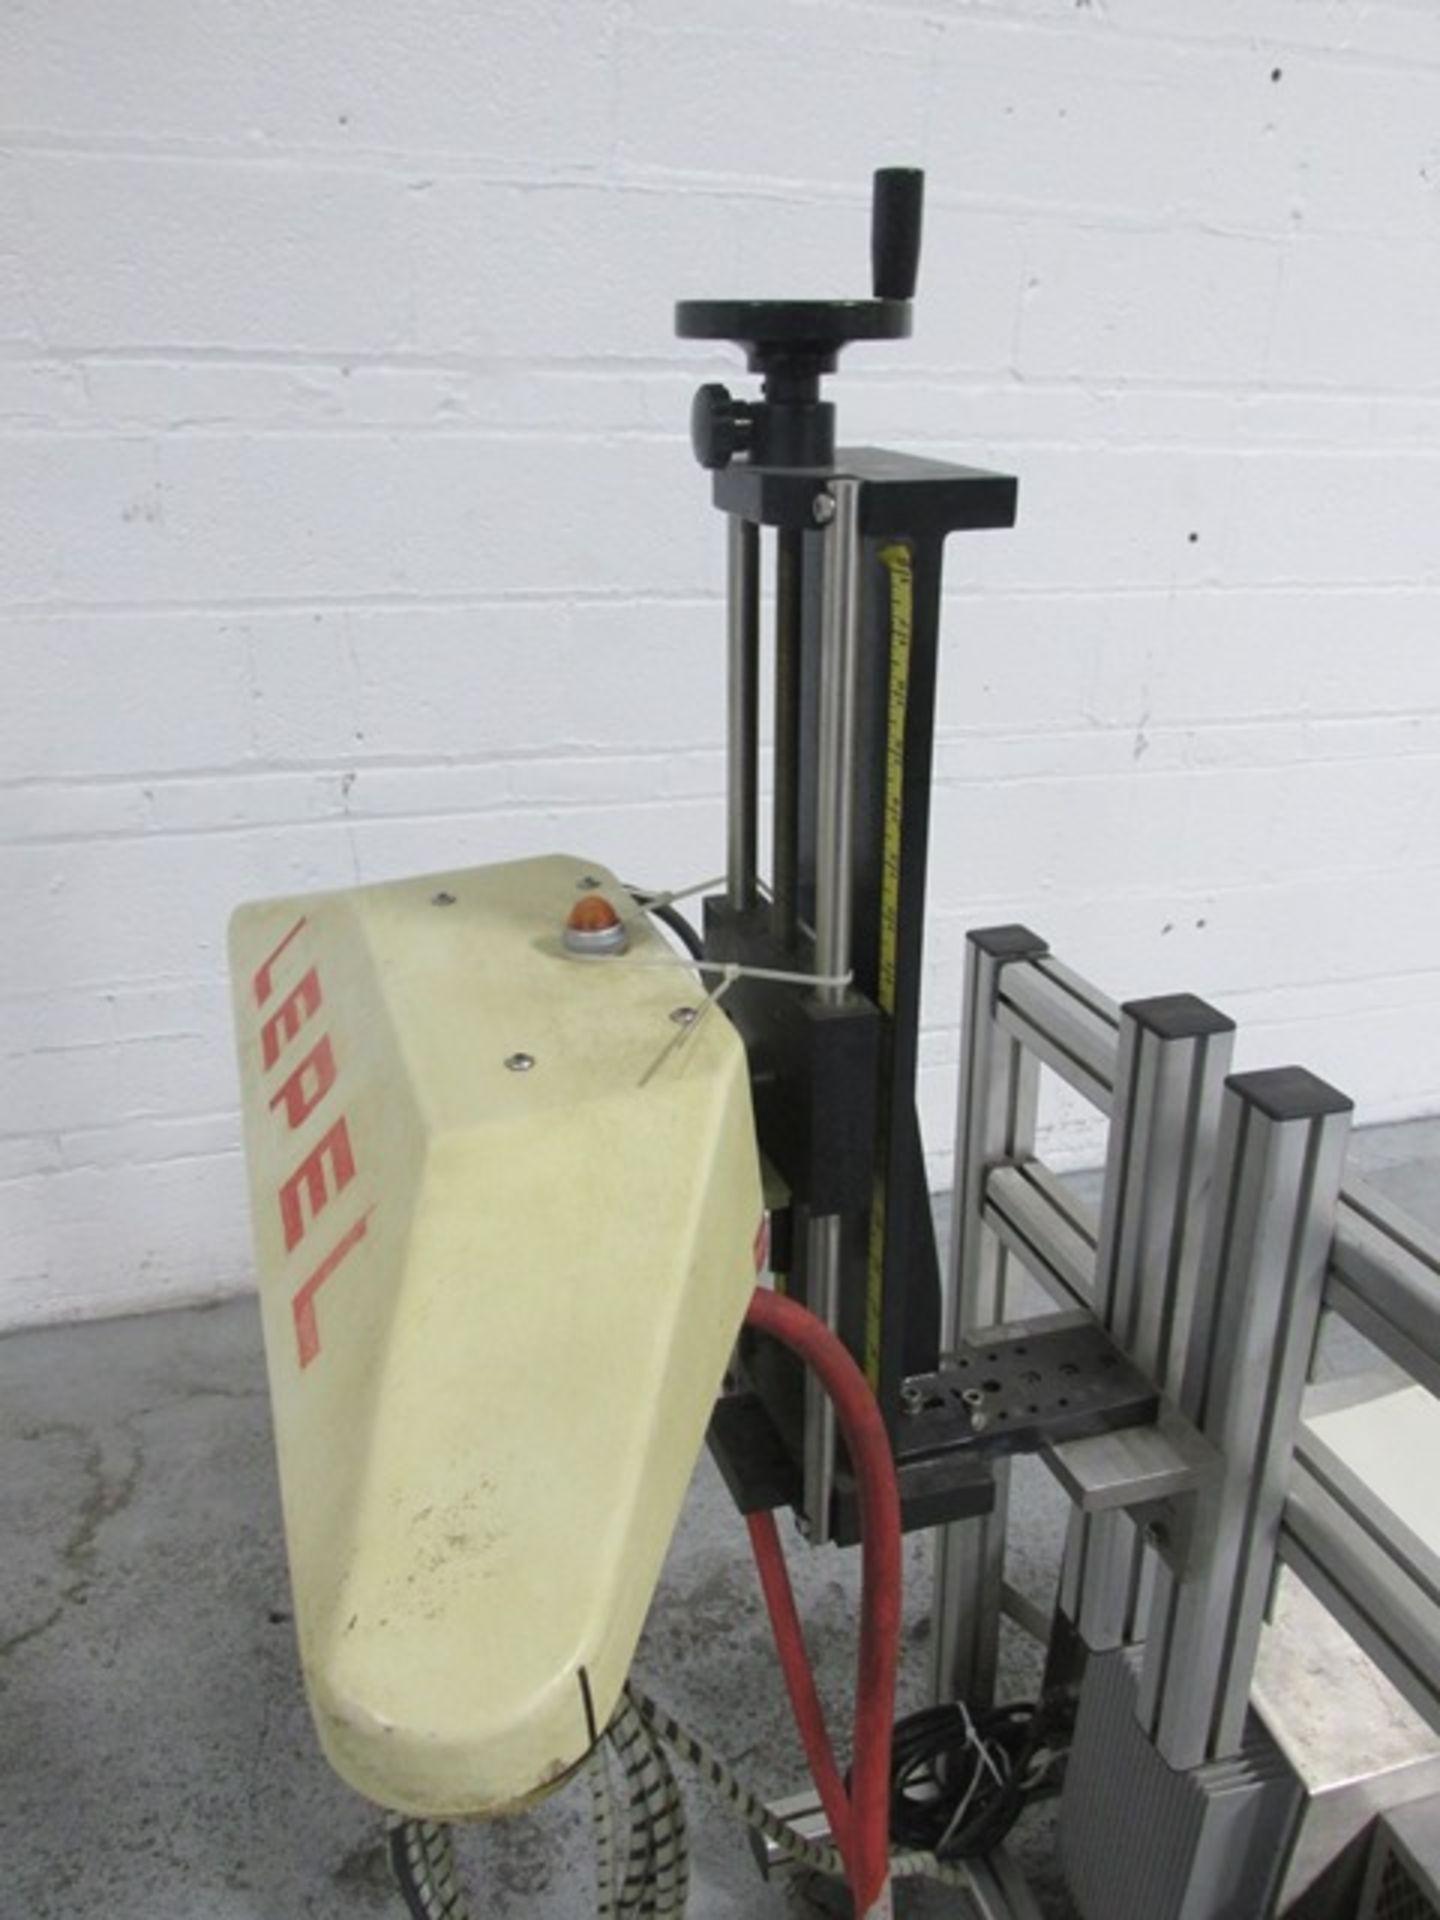 Lot 13 - Lepel induction sealer, type Lepak, model TR-1000A, 115 volt on stand